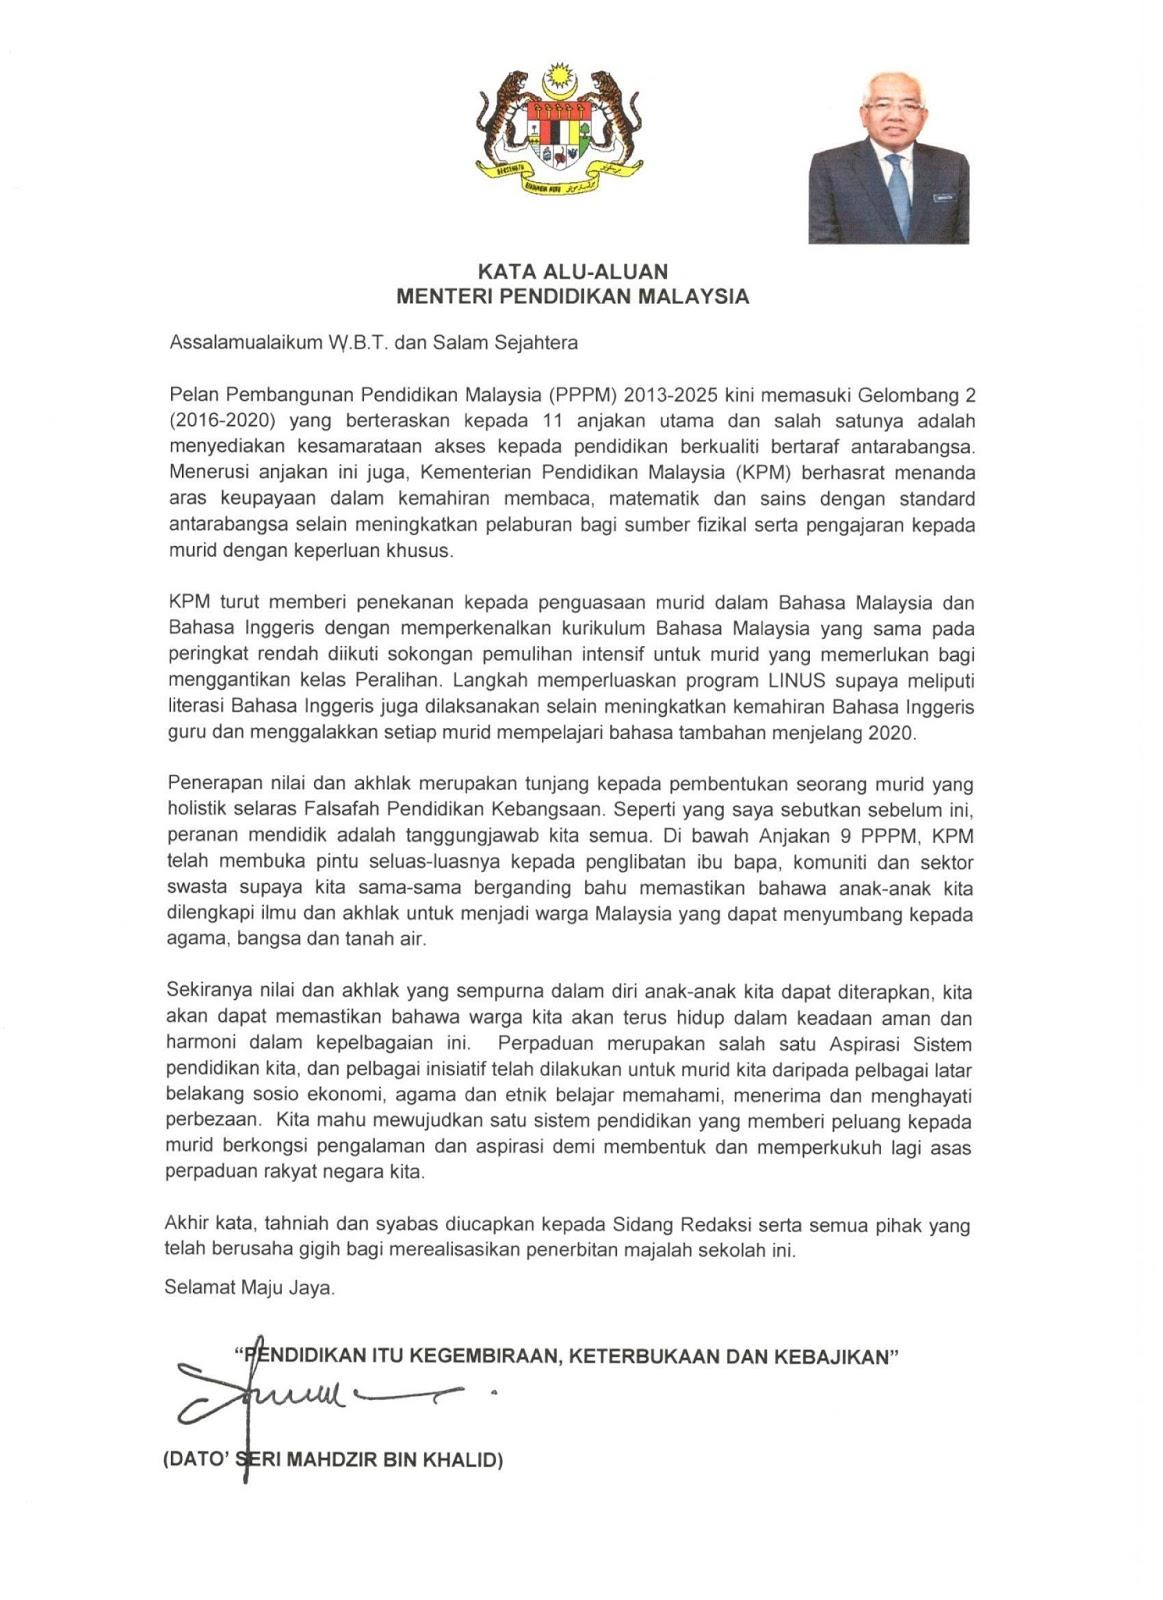 Mba0001 Kata Alu Aluan Majalah Sekolah 2017 Oleh Yb Menteri Pendidikan Malaysia